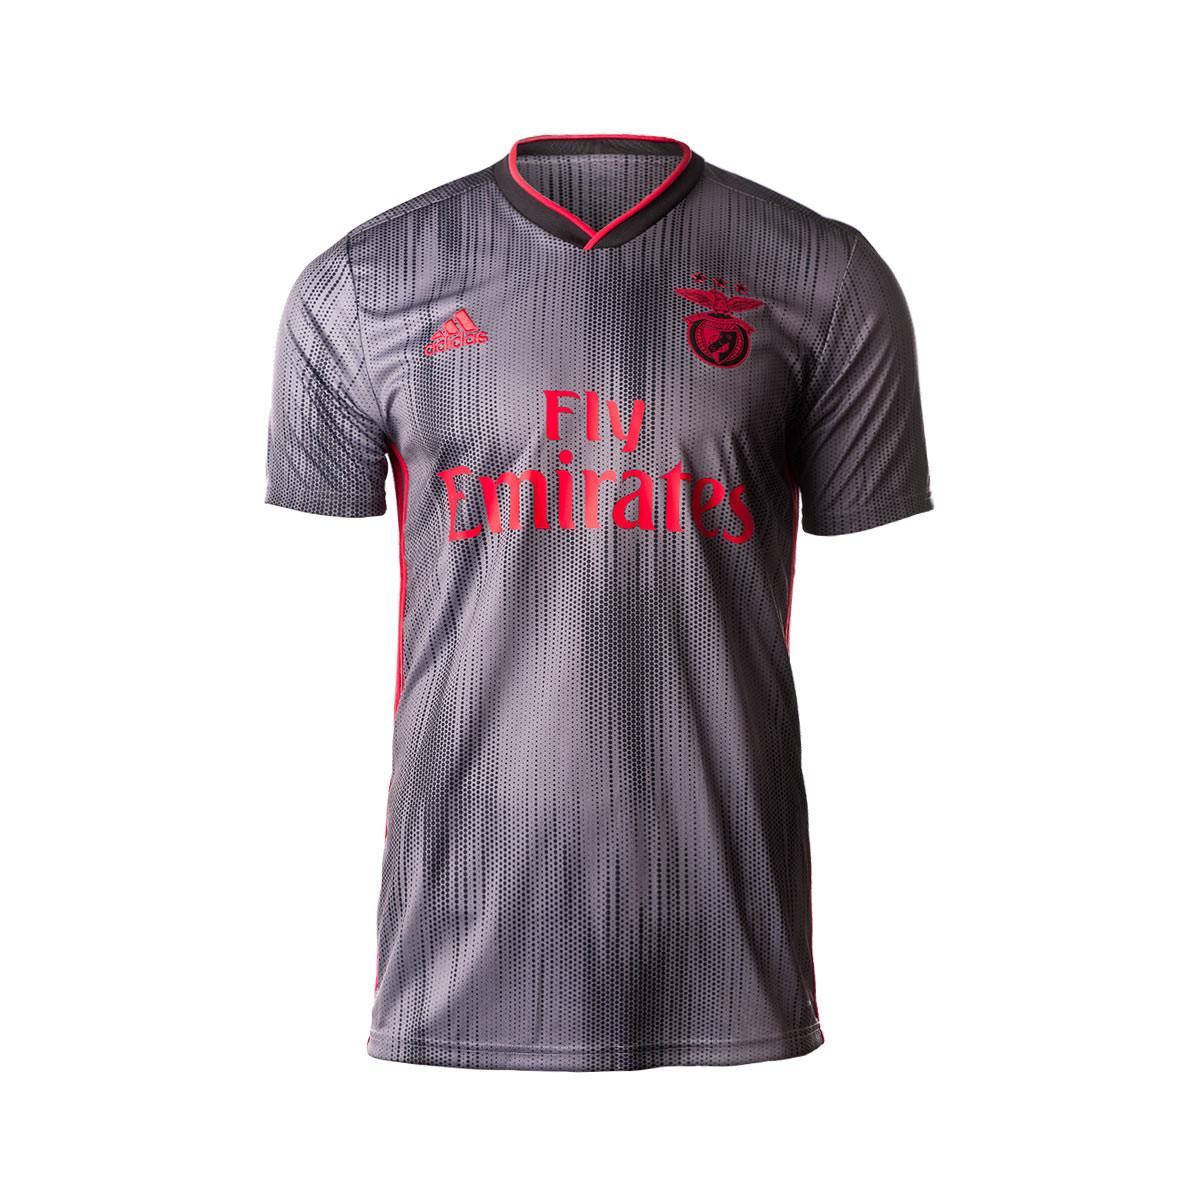 the best attitude 18692 8c782 Camiseta Benfica SL Segunda Equipación 2019-2020 Black-Grey